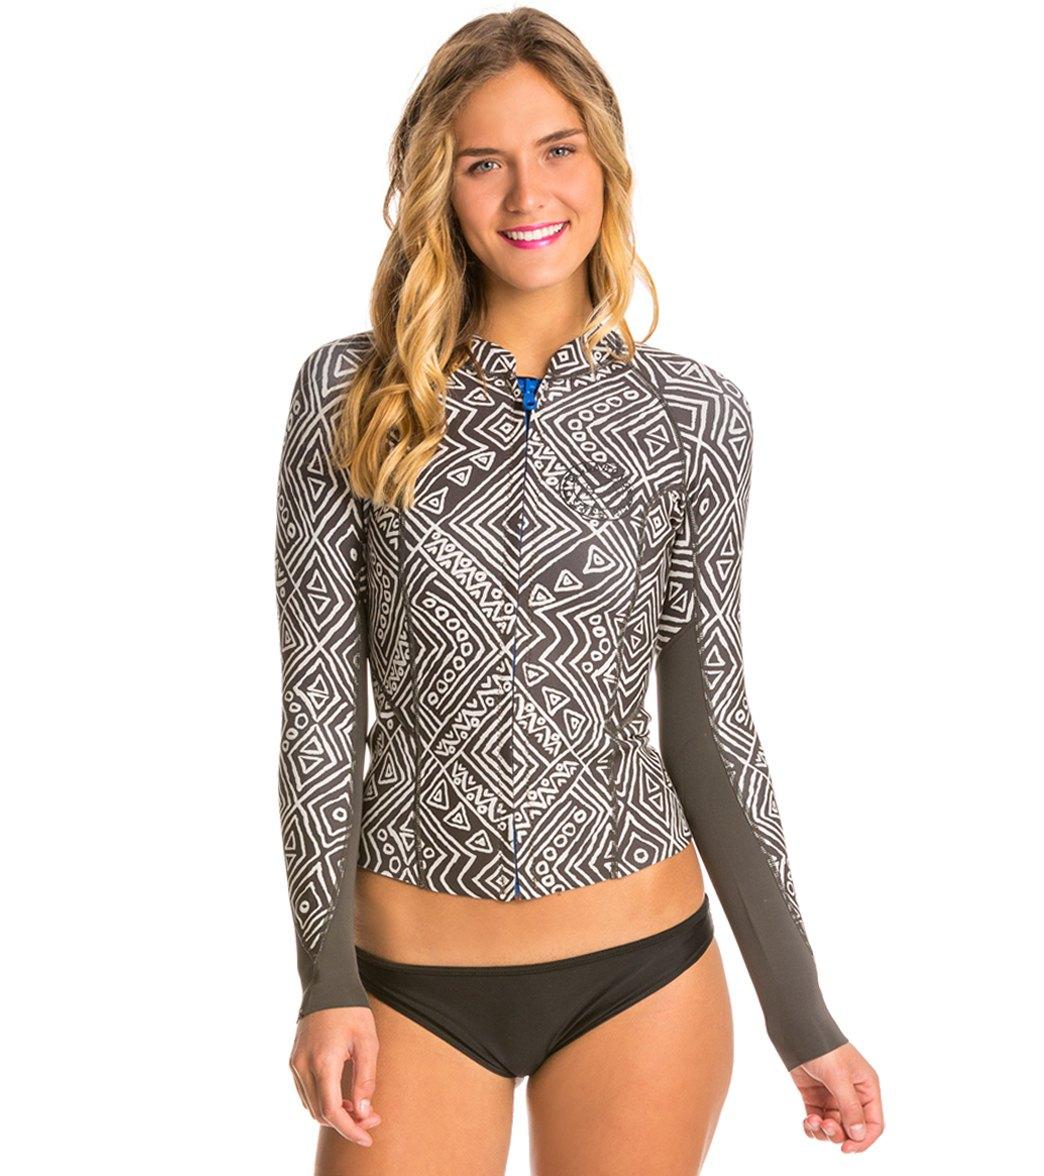 f906c46070 Billabong Women's Print Peeky Front Zip Wetsuit Jacket